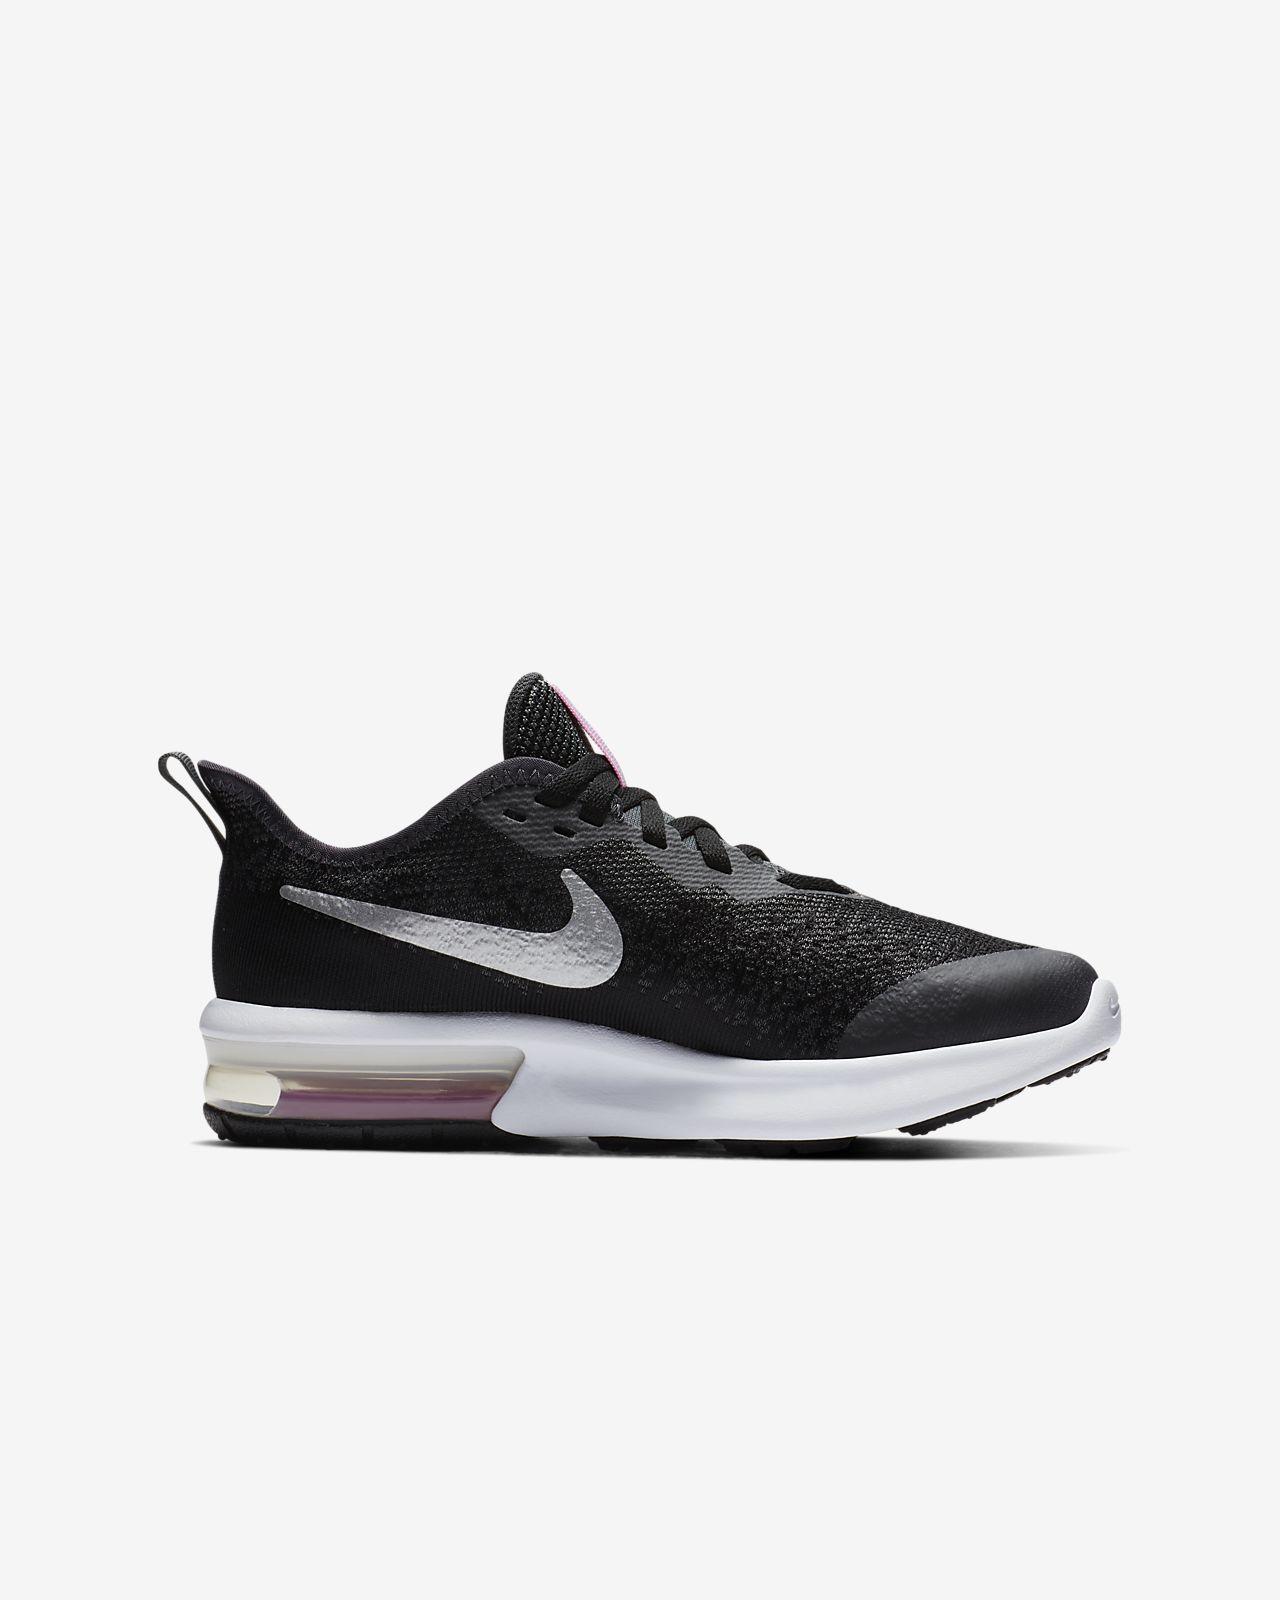 Nike Air Max Sequent 4 Schuh für ältere Kinder